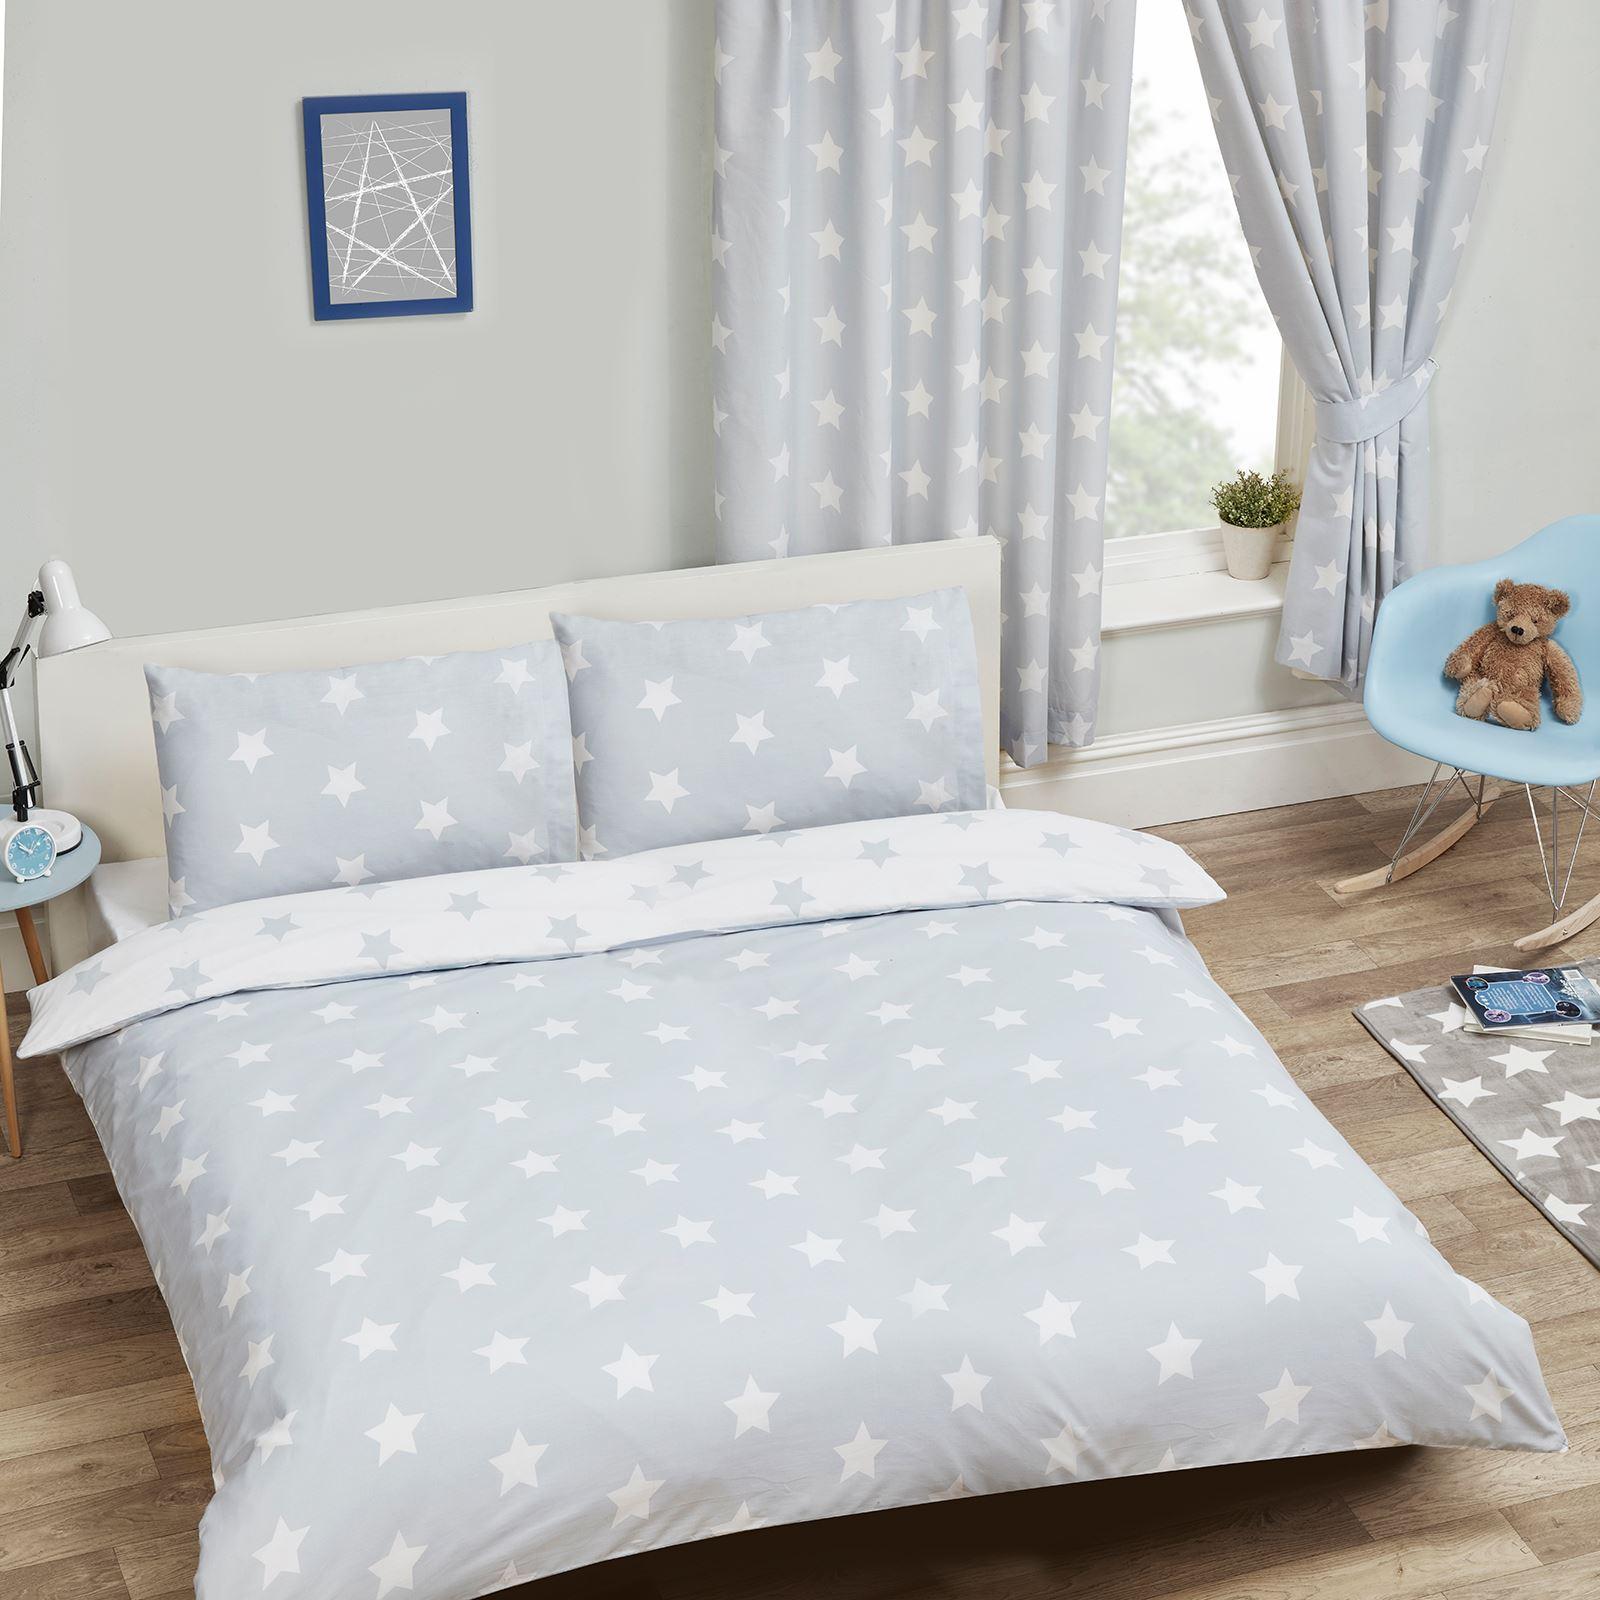 kinder doppelbett bettw sche sets dinosaur armee v gel einhorn jungen m dchen ebay. Black Bedroom Furniture Sets. Home Design Ideas